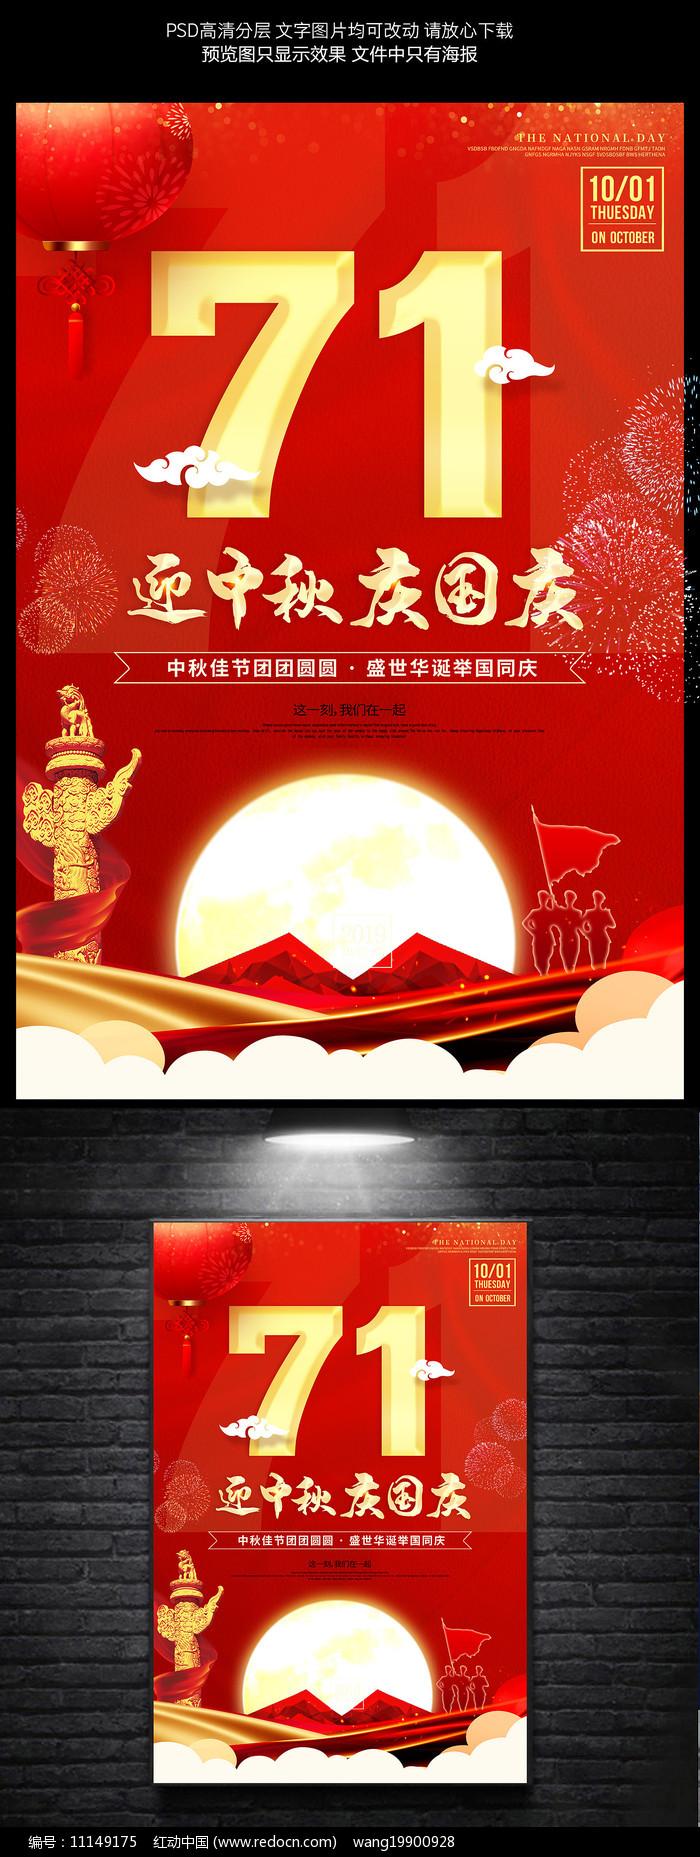 红色大气迎中秋庆国庆海报设计图片